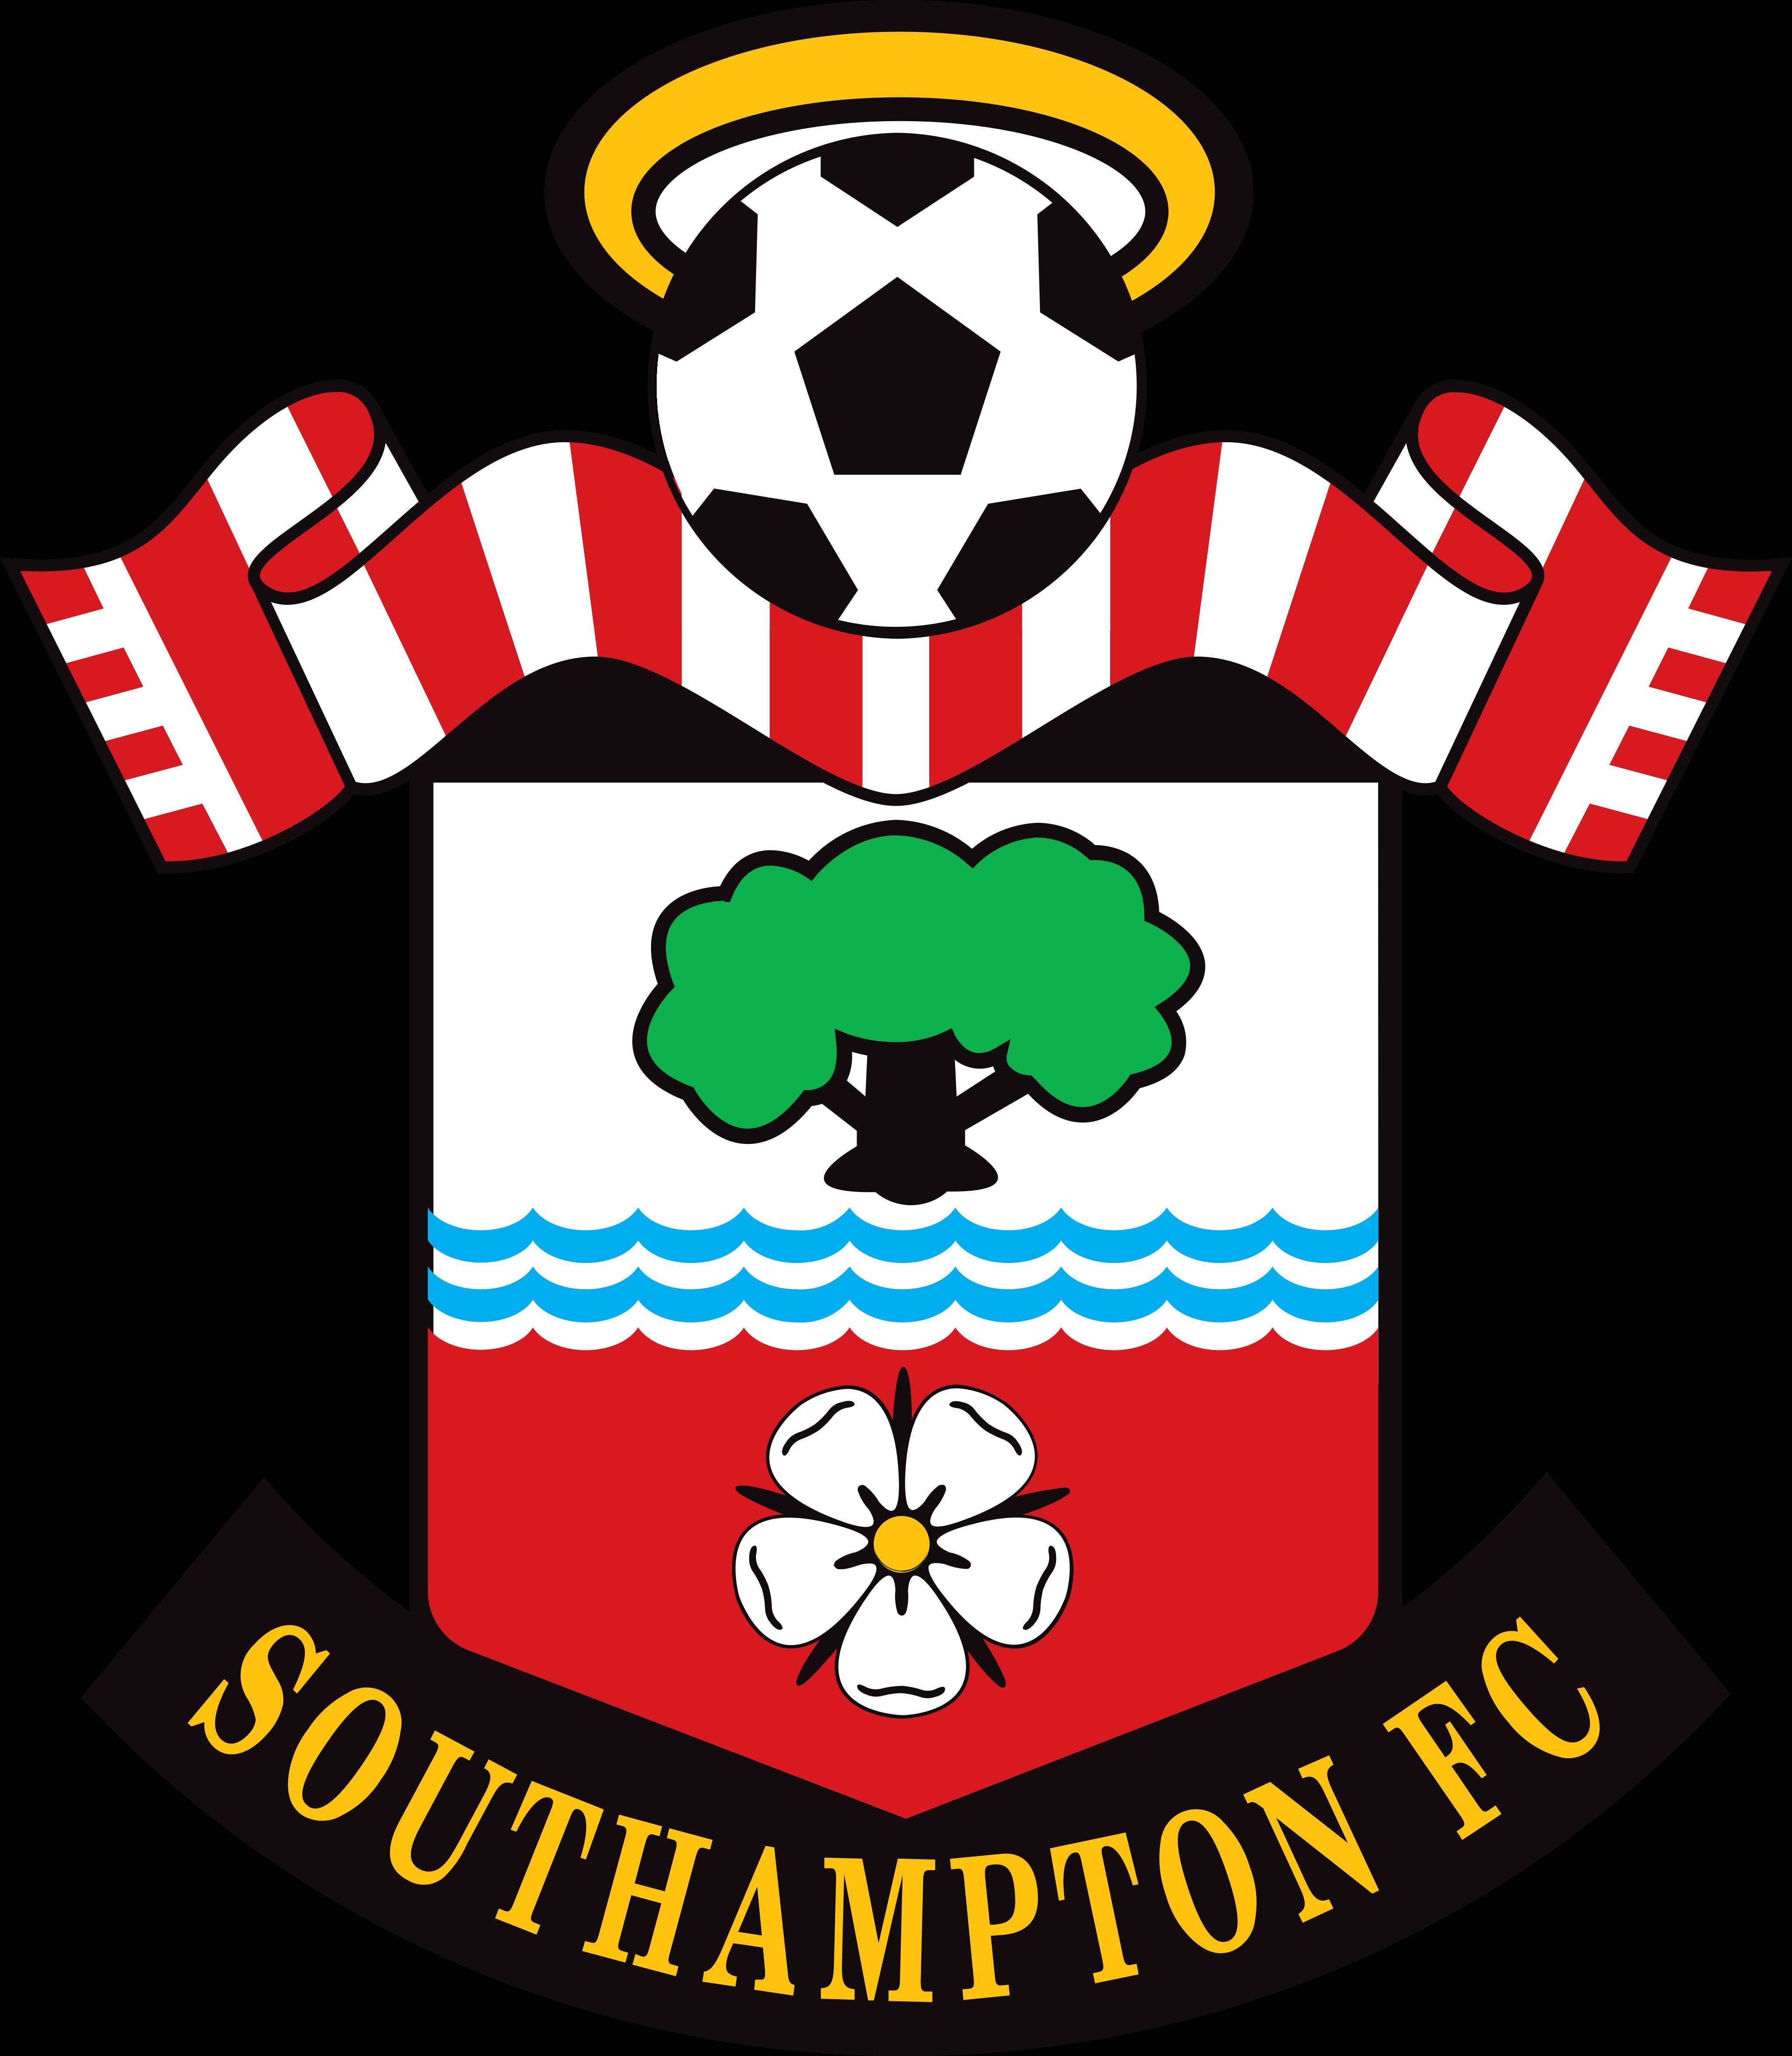 southampton fc logo - Southampton FC Logo